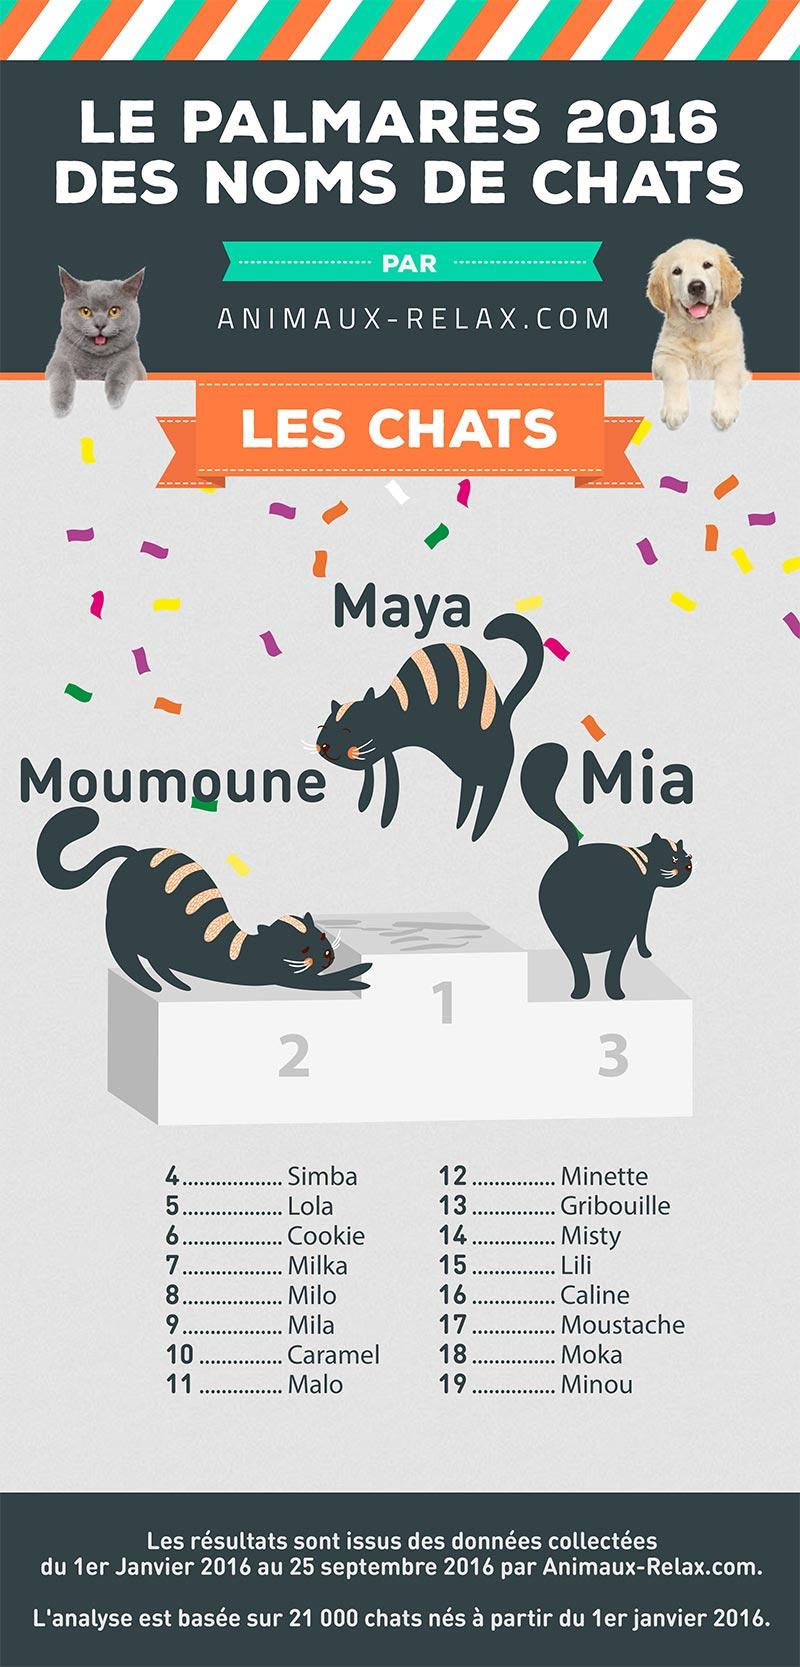 Palmarès des noms de chat en 2016